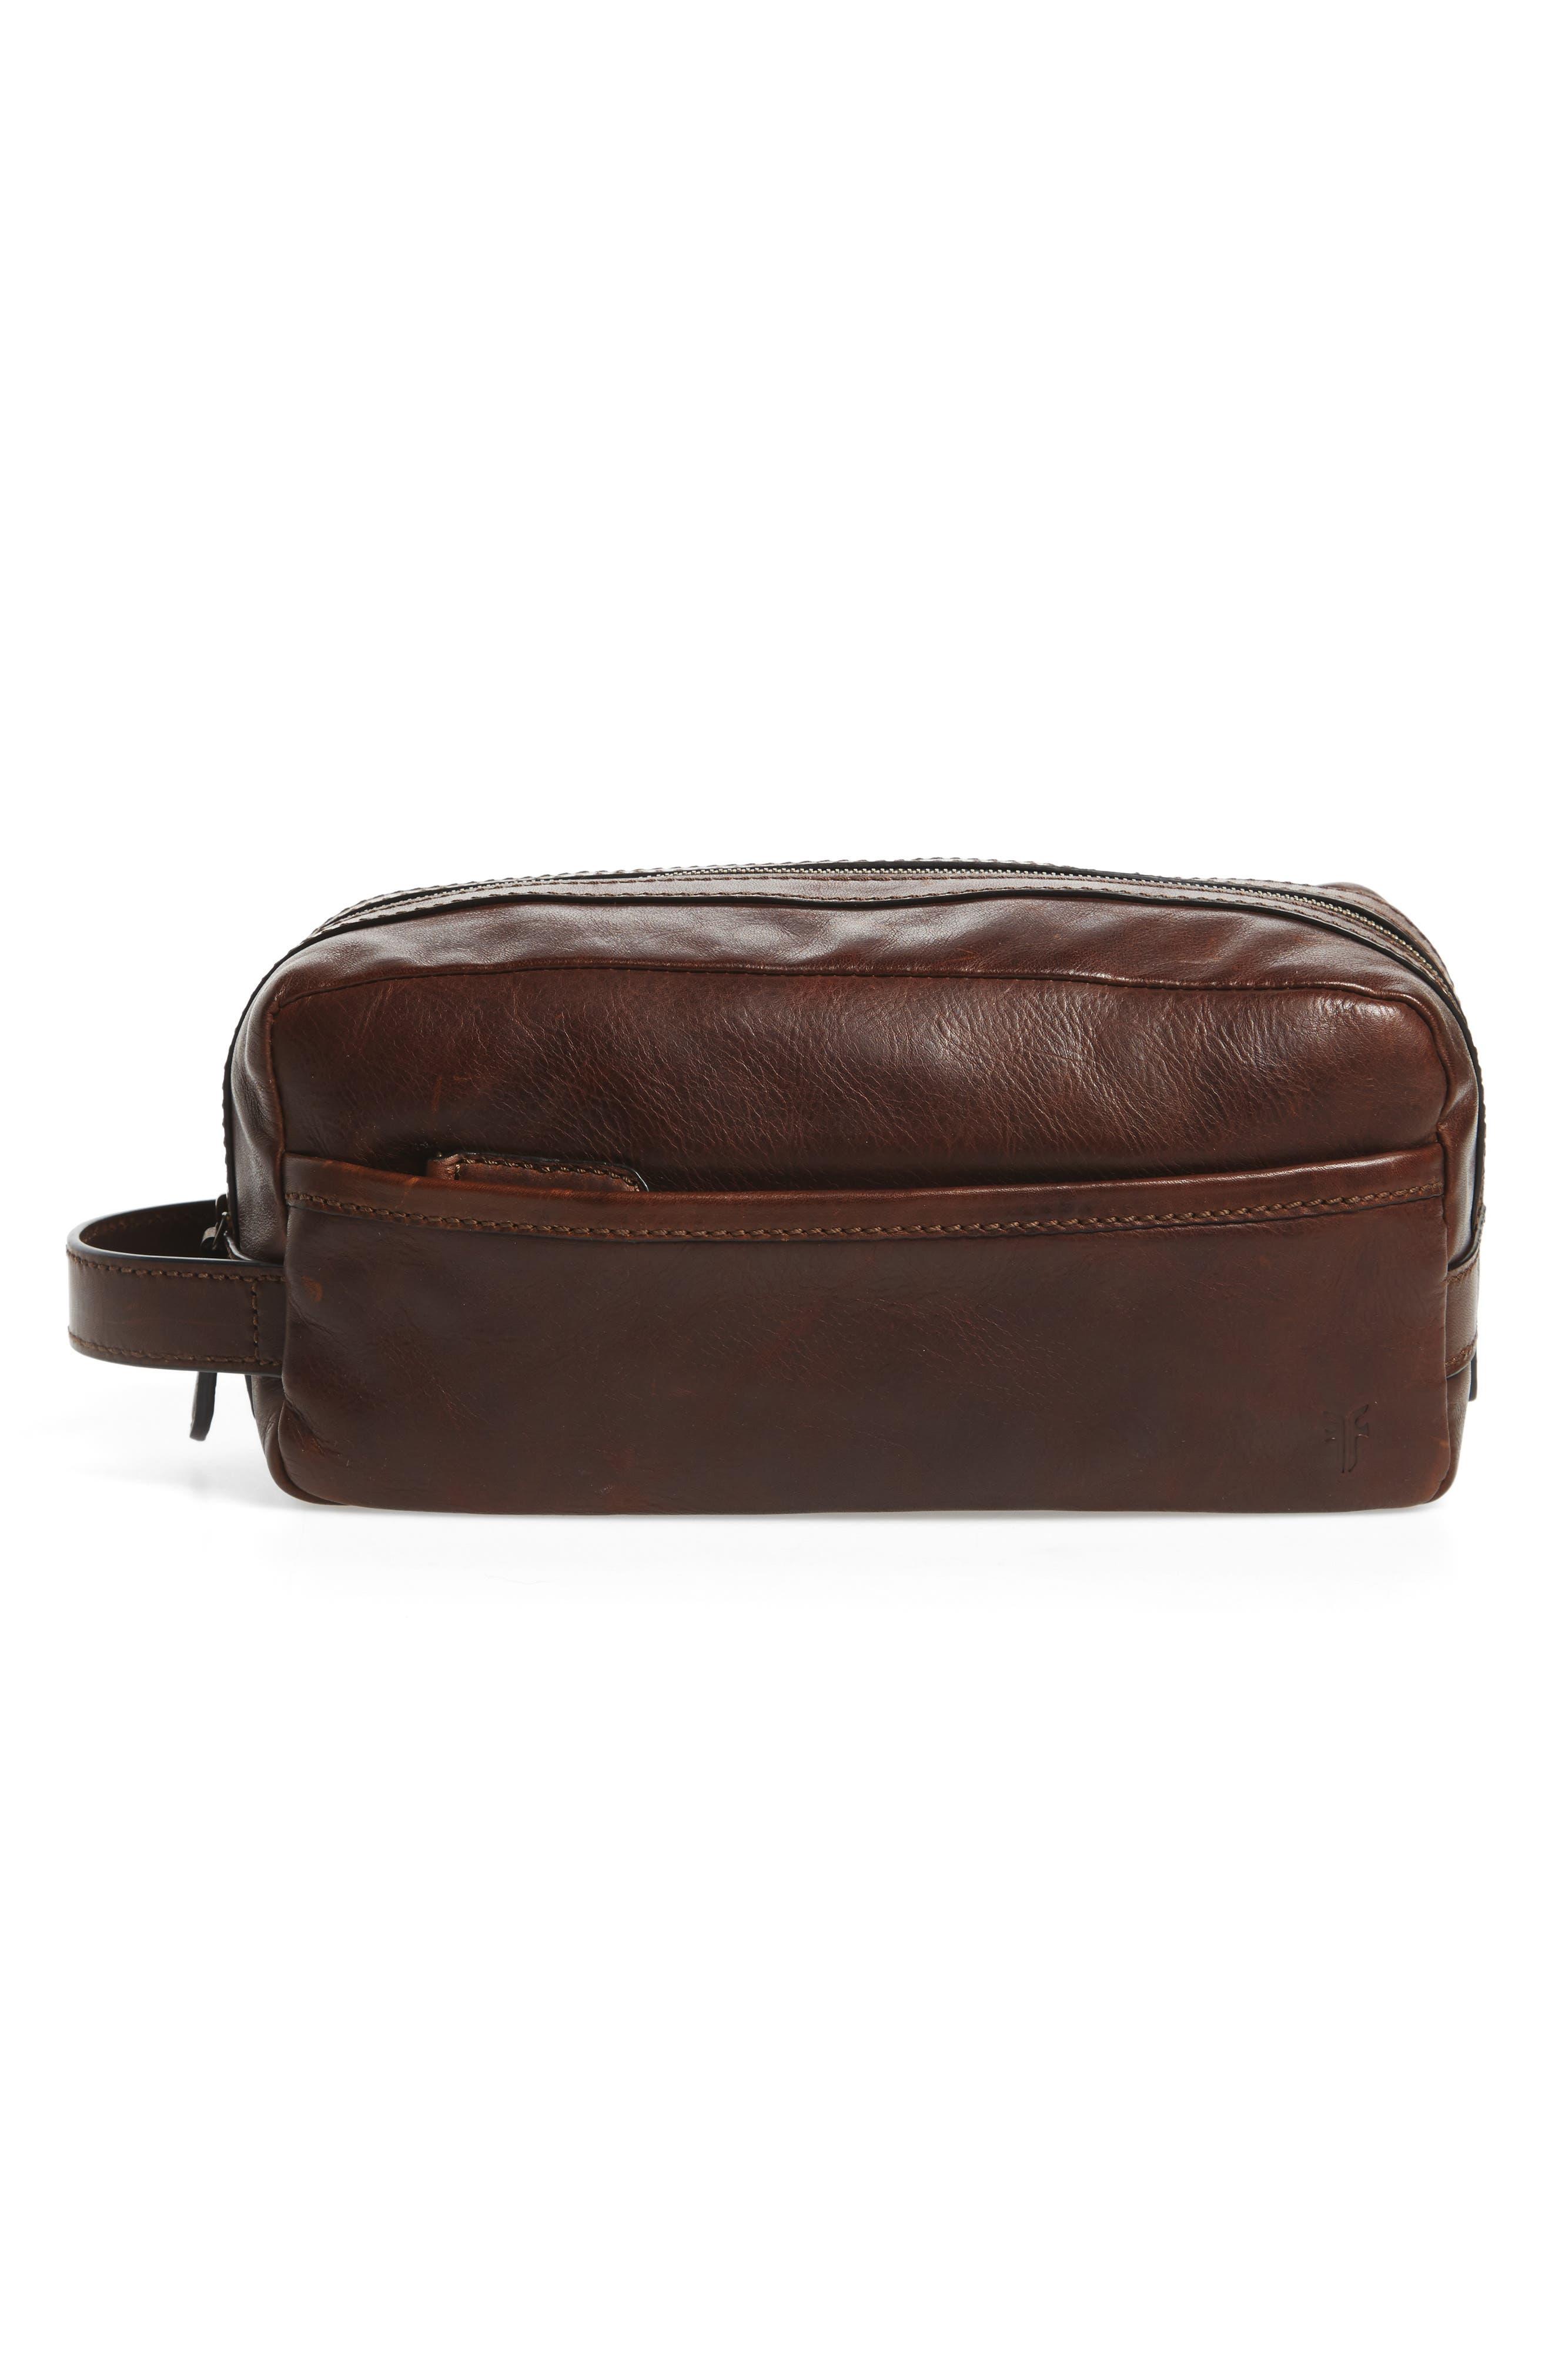 'Logan' Leather Travel Kit,                         Main,                         color, DARK BROWN